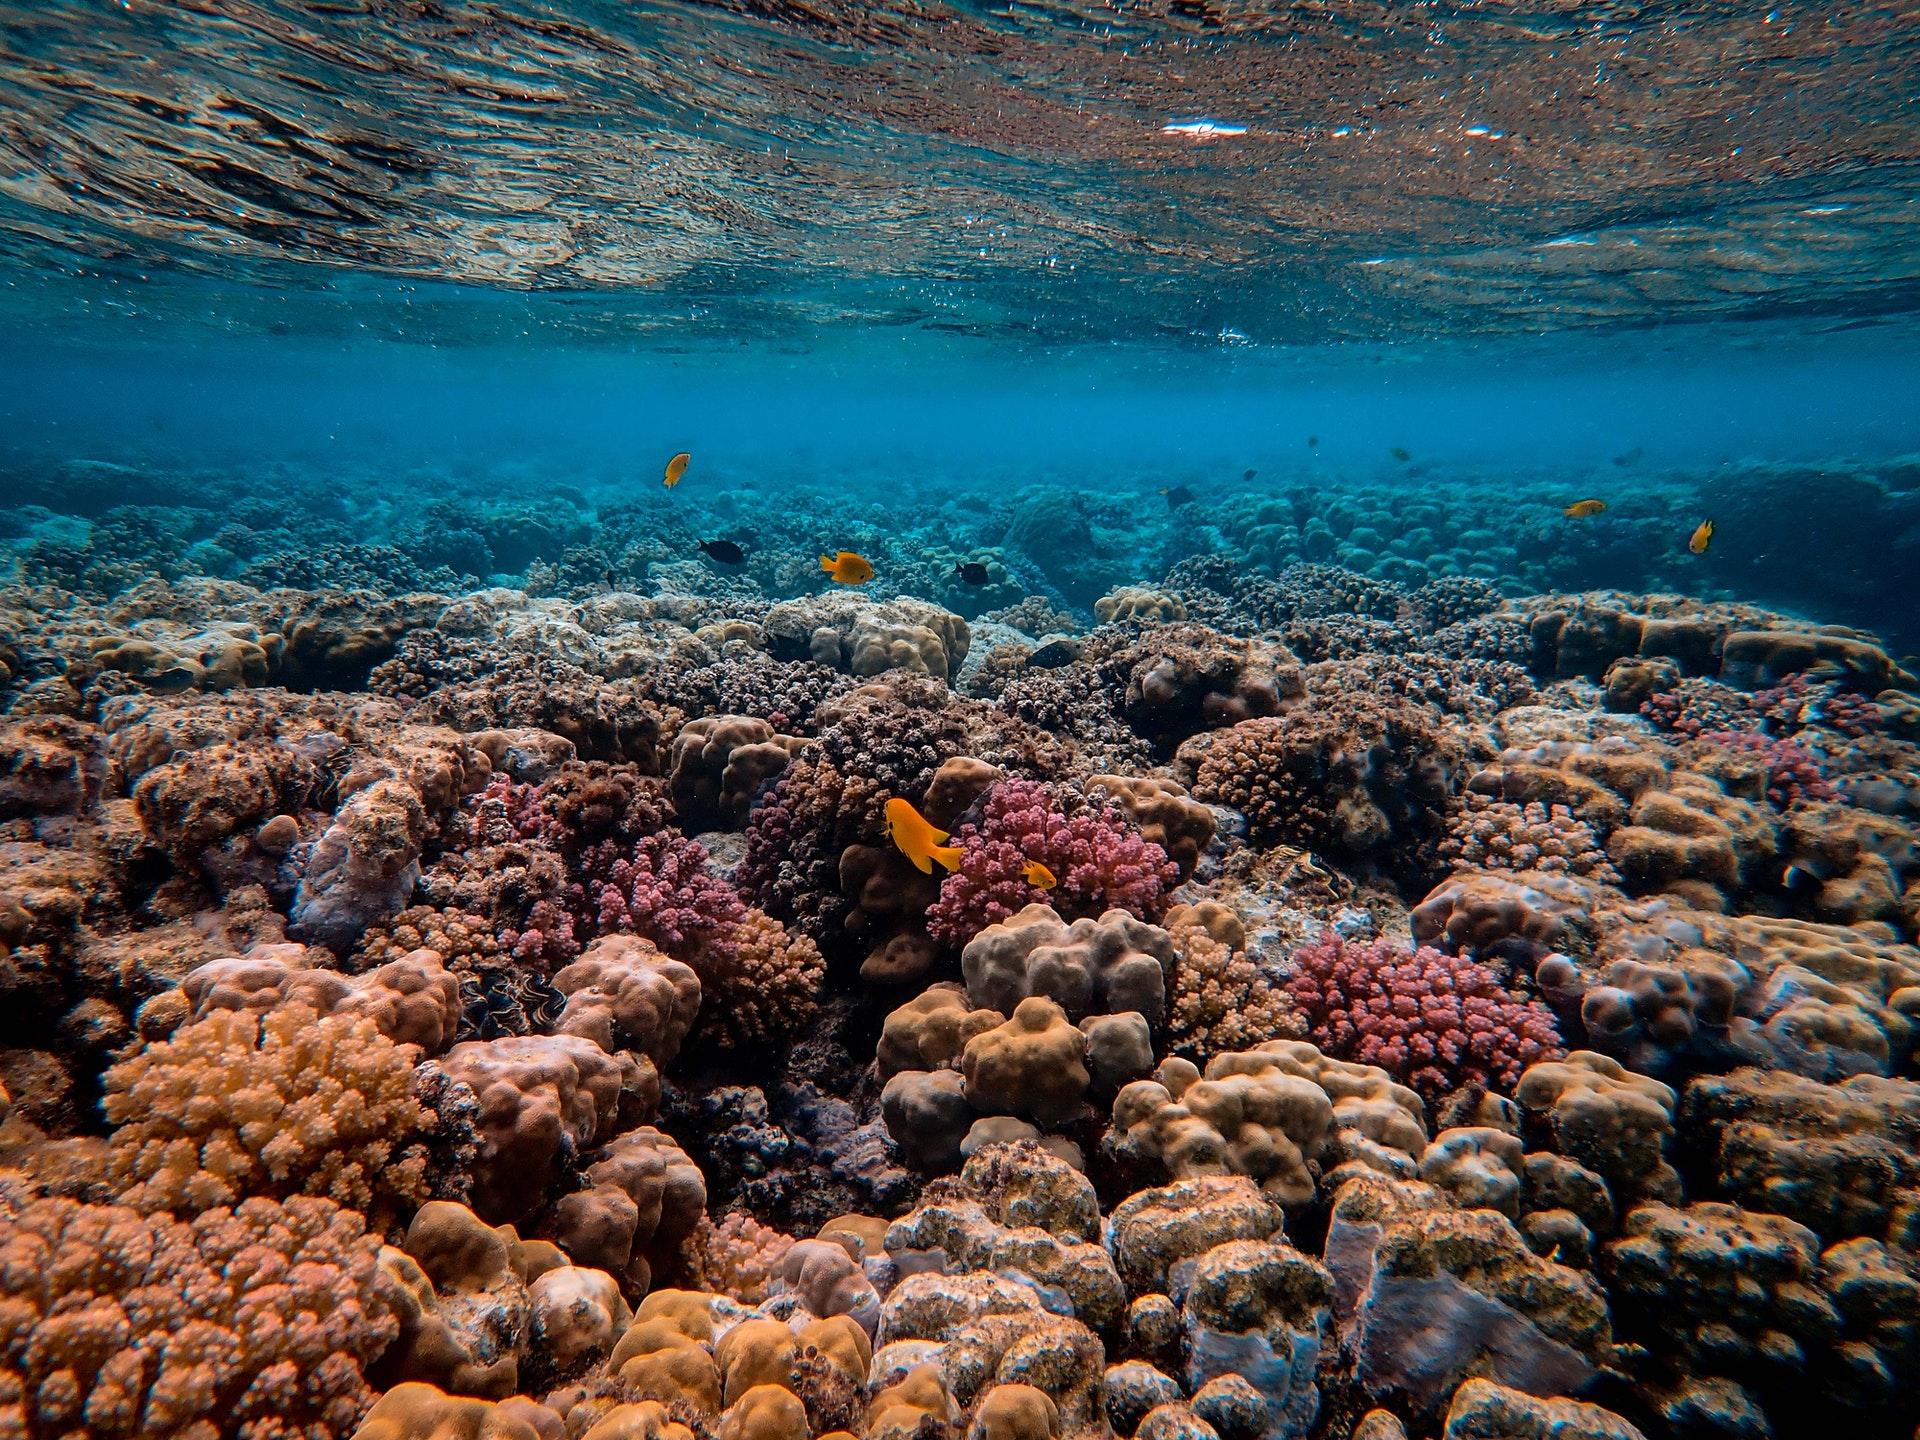 Manifiesto subacuático para un mundo en armonía